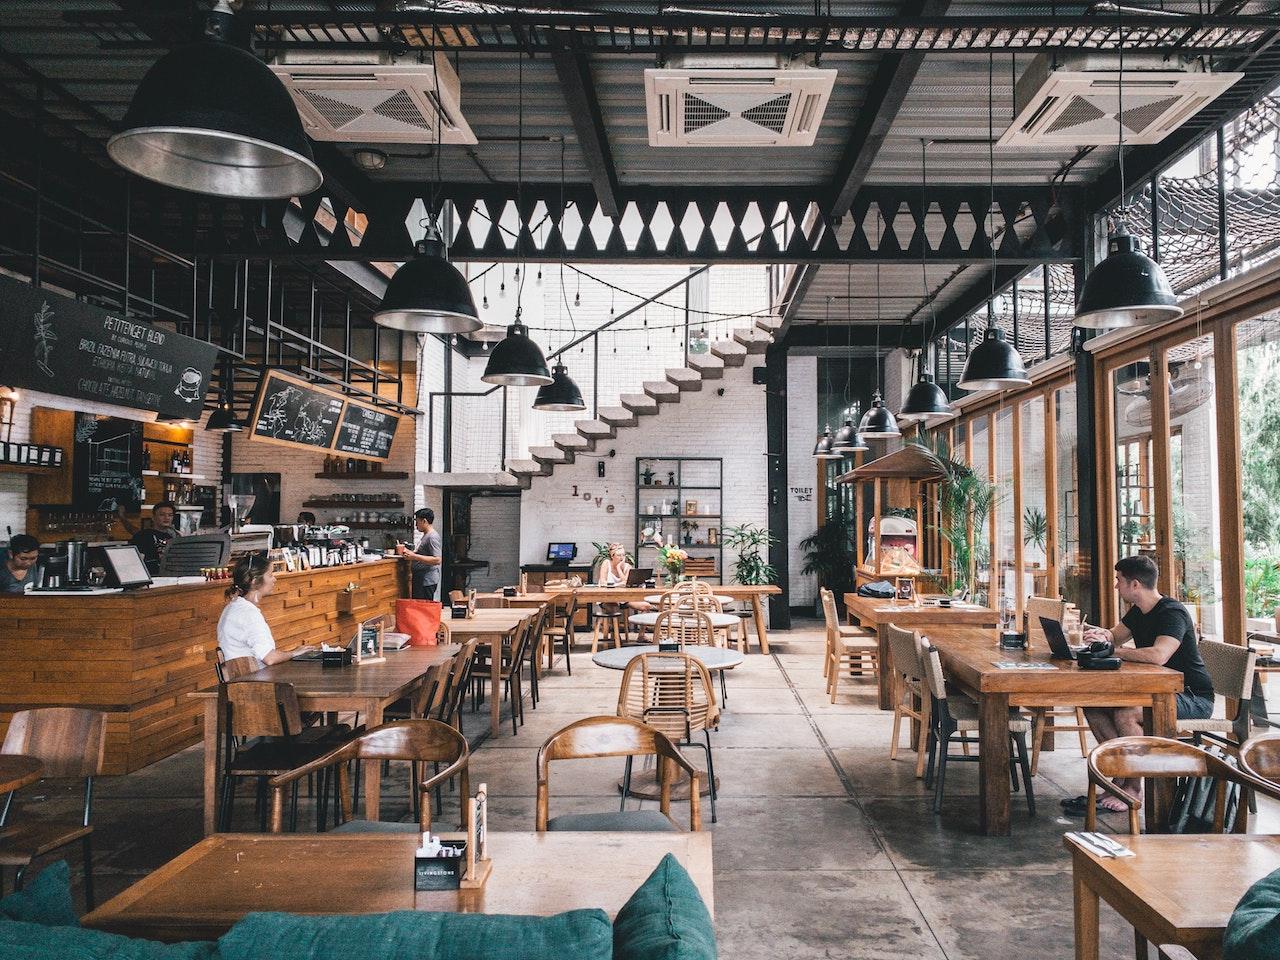 ciudad-de-mexico-viaje-de-trabajo-friendly-touring-restaurantes